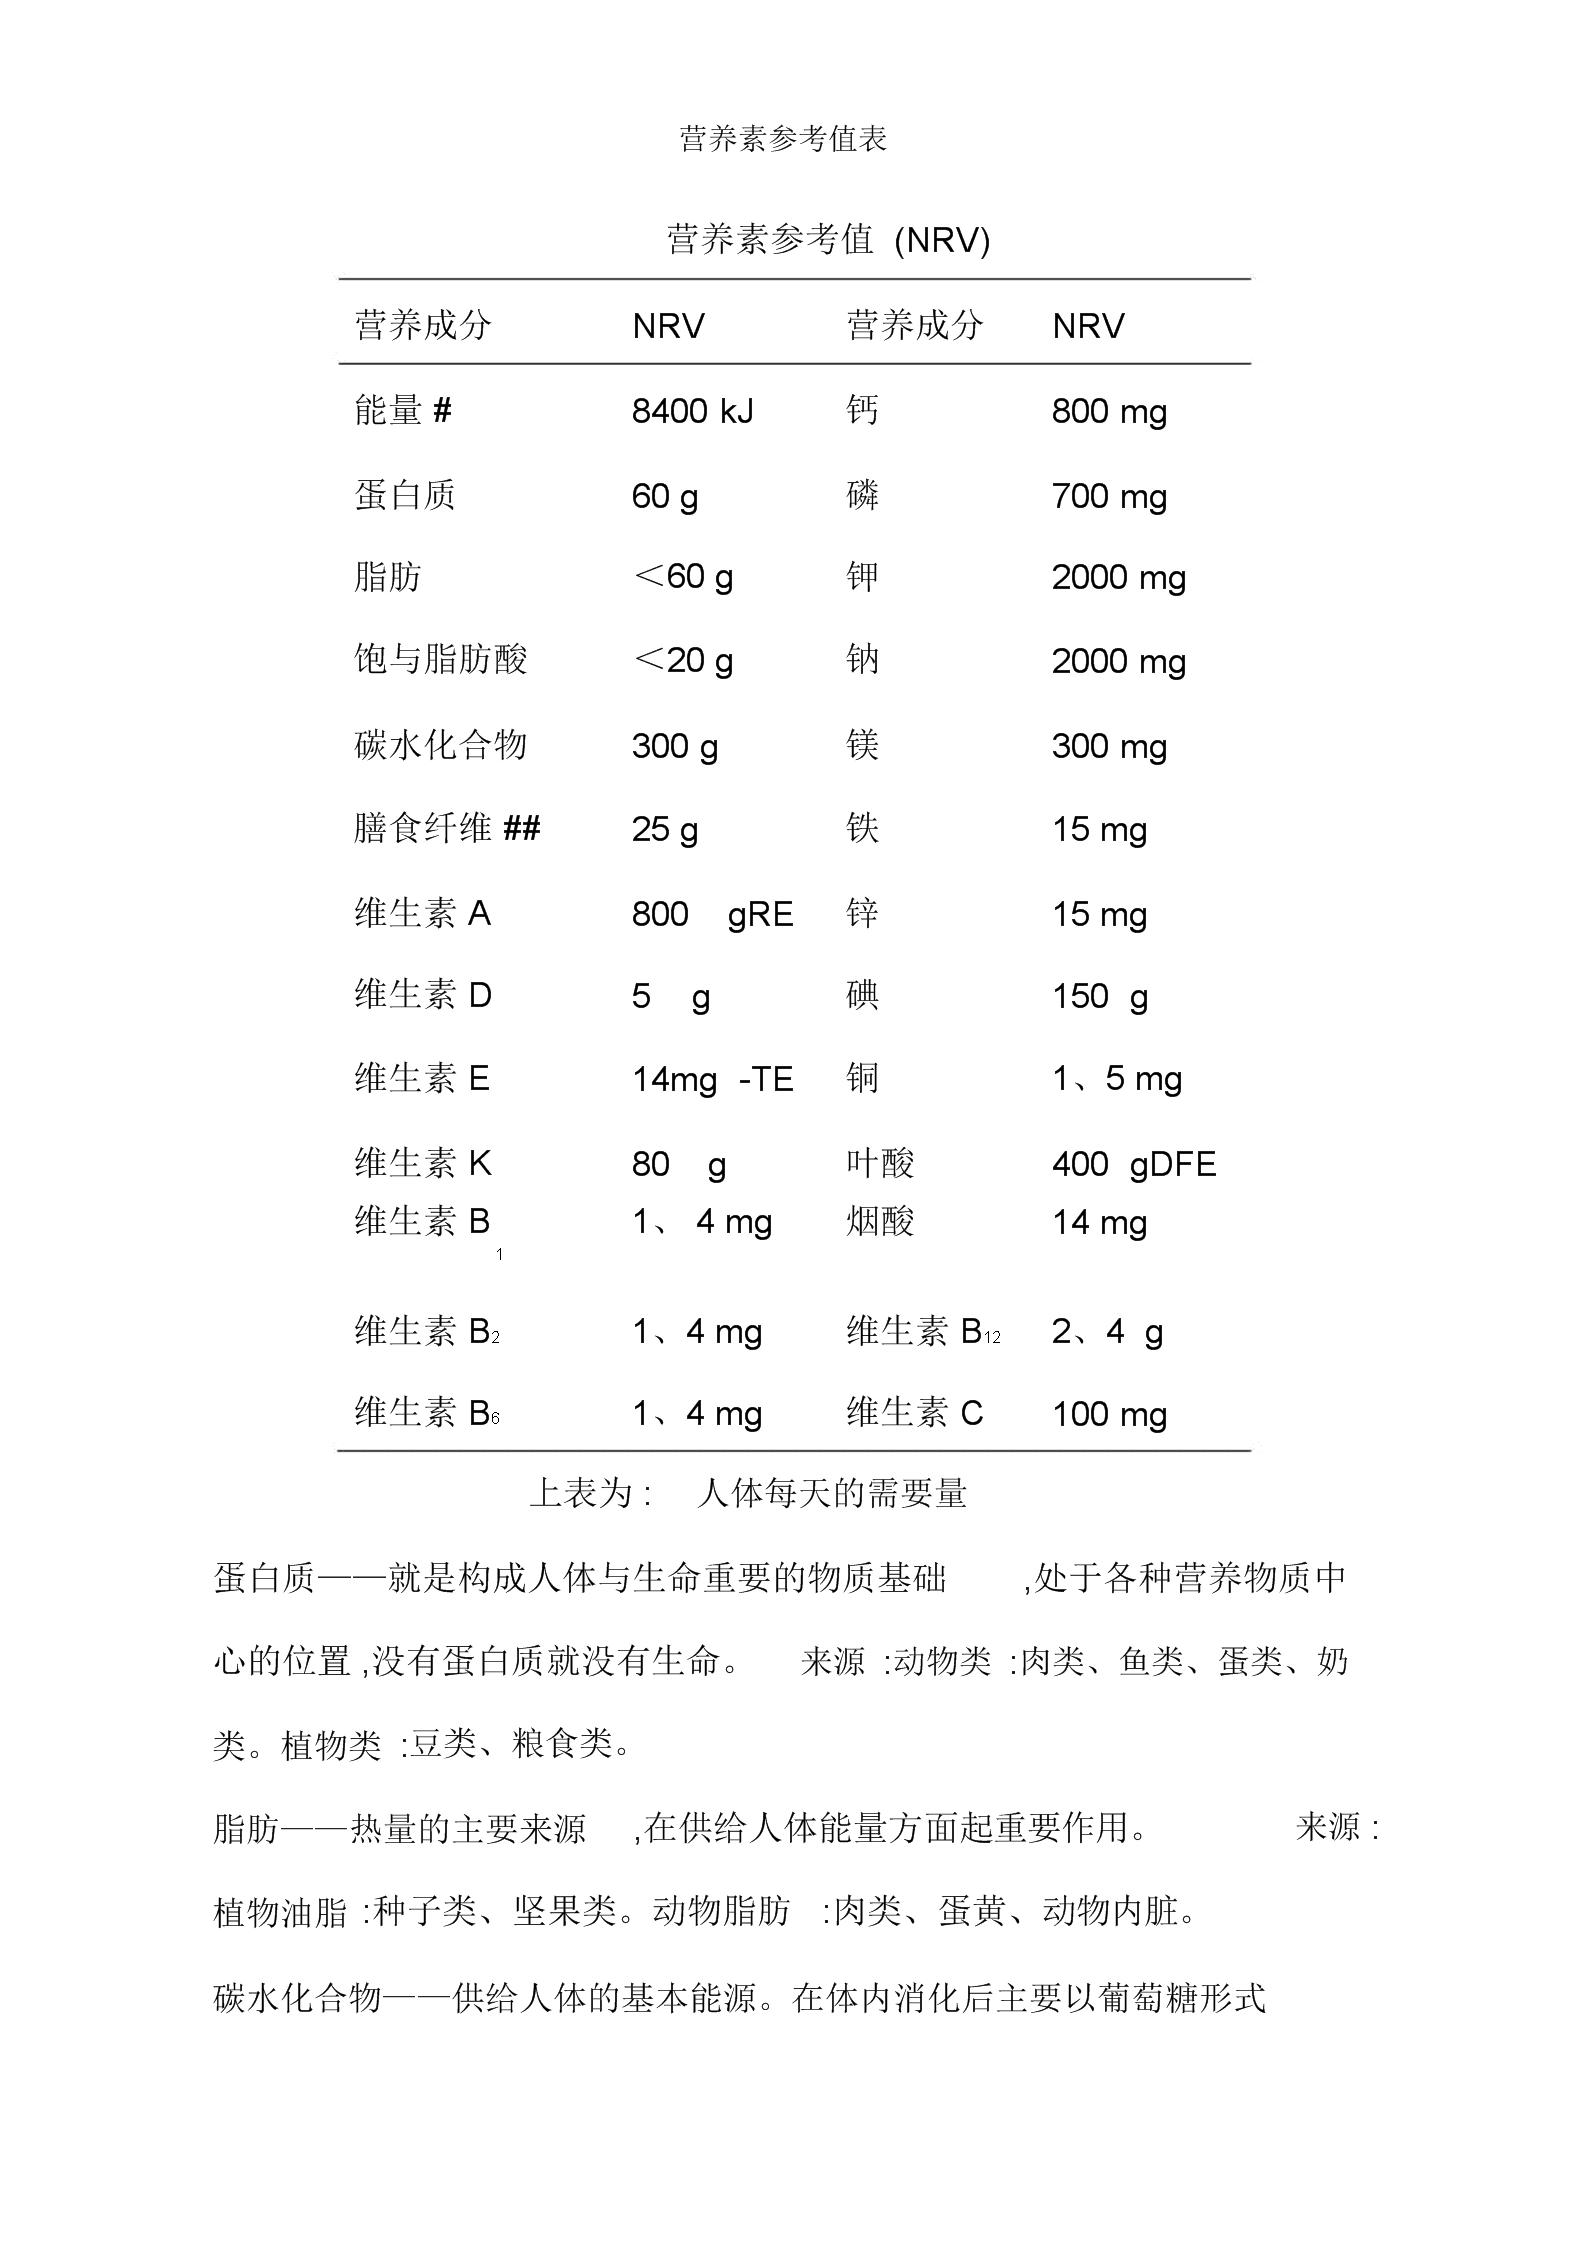 营养素参考值表.docx